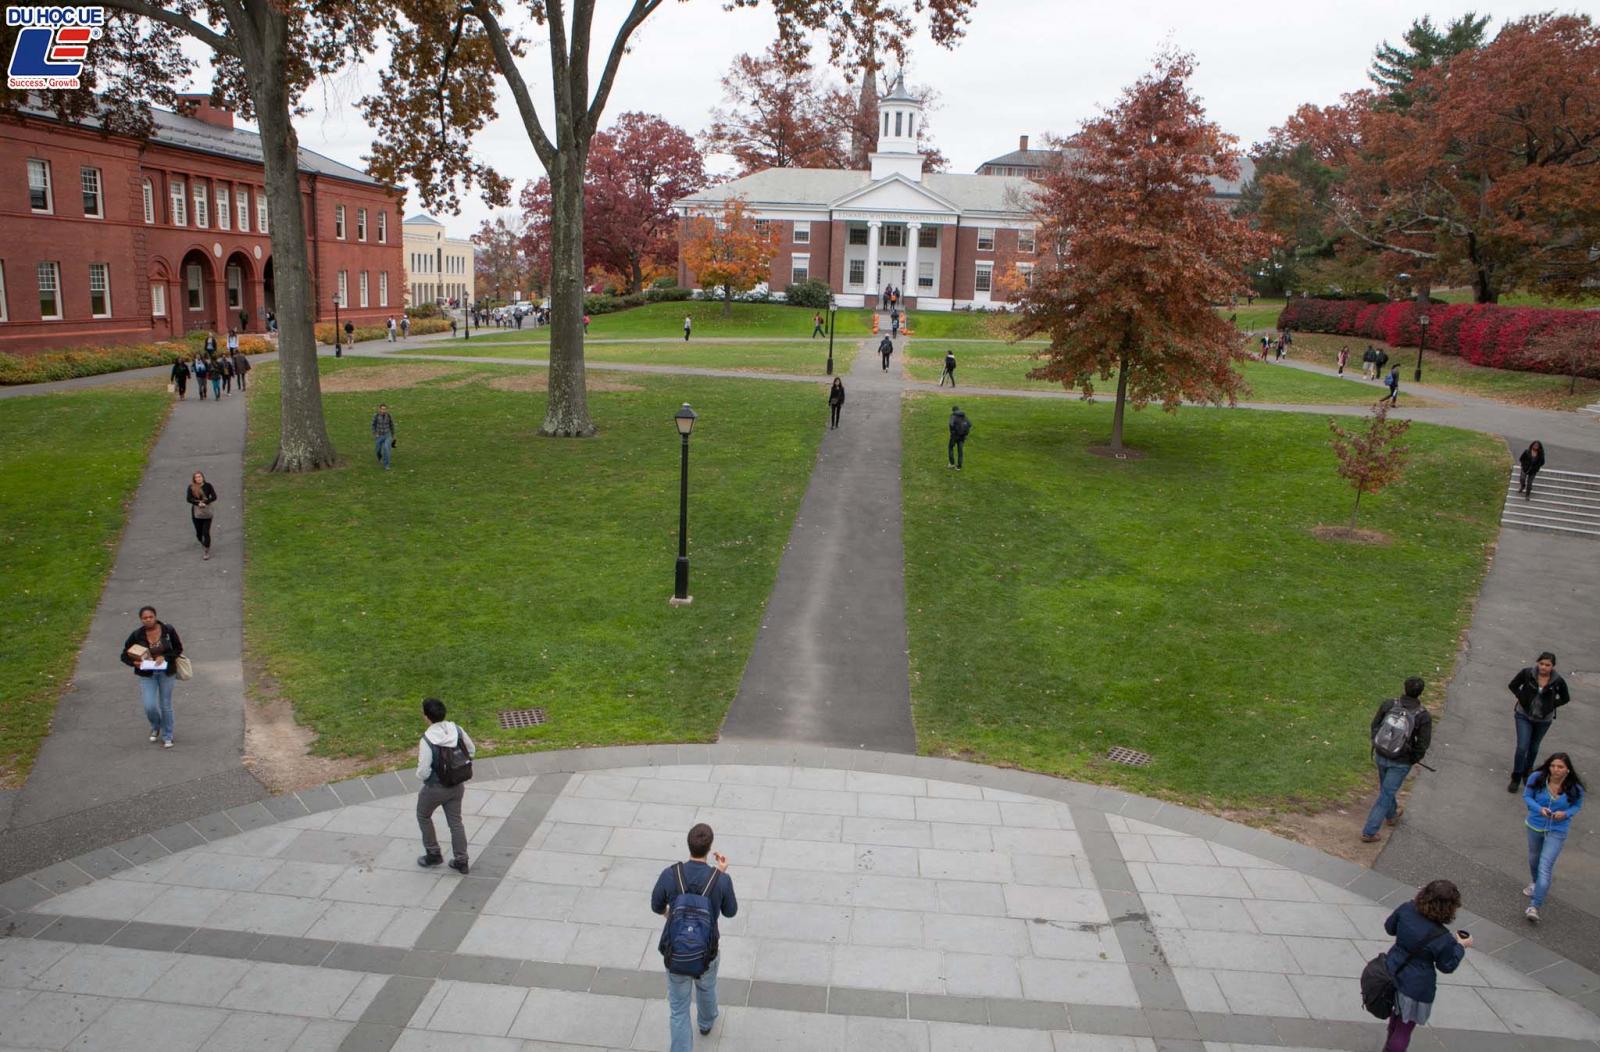 Cơ hội đặt chân đến Mỹ bằng học bổng toàn phần tại Amherst College 3